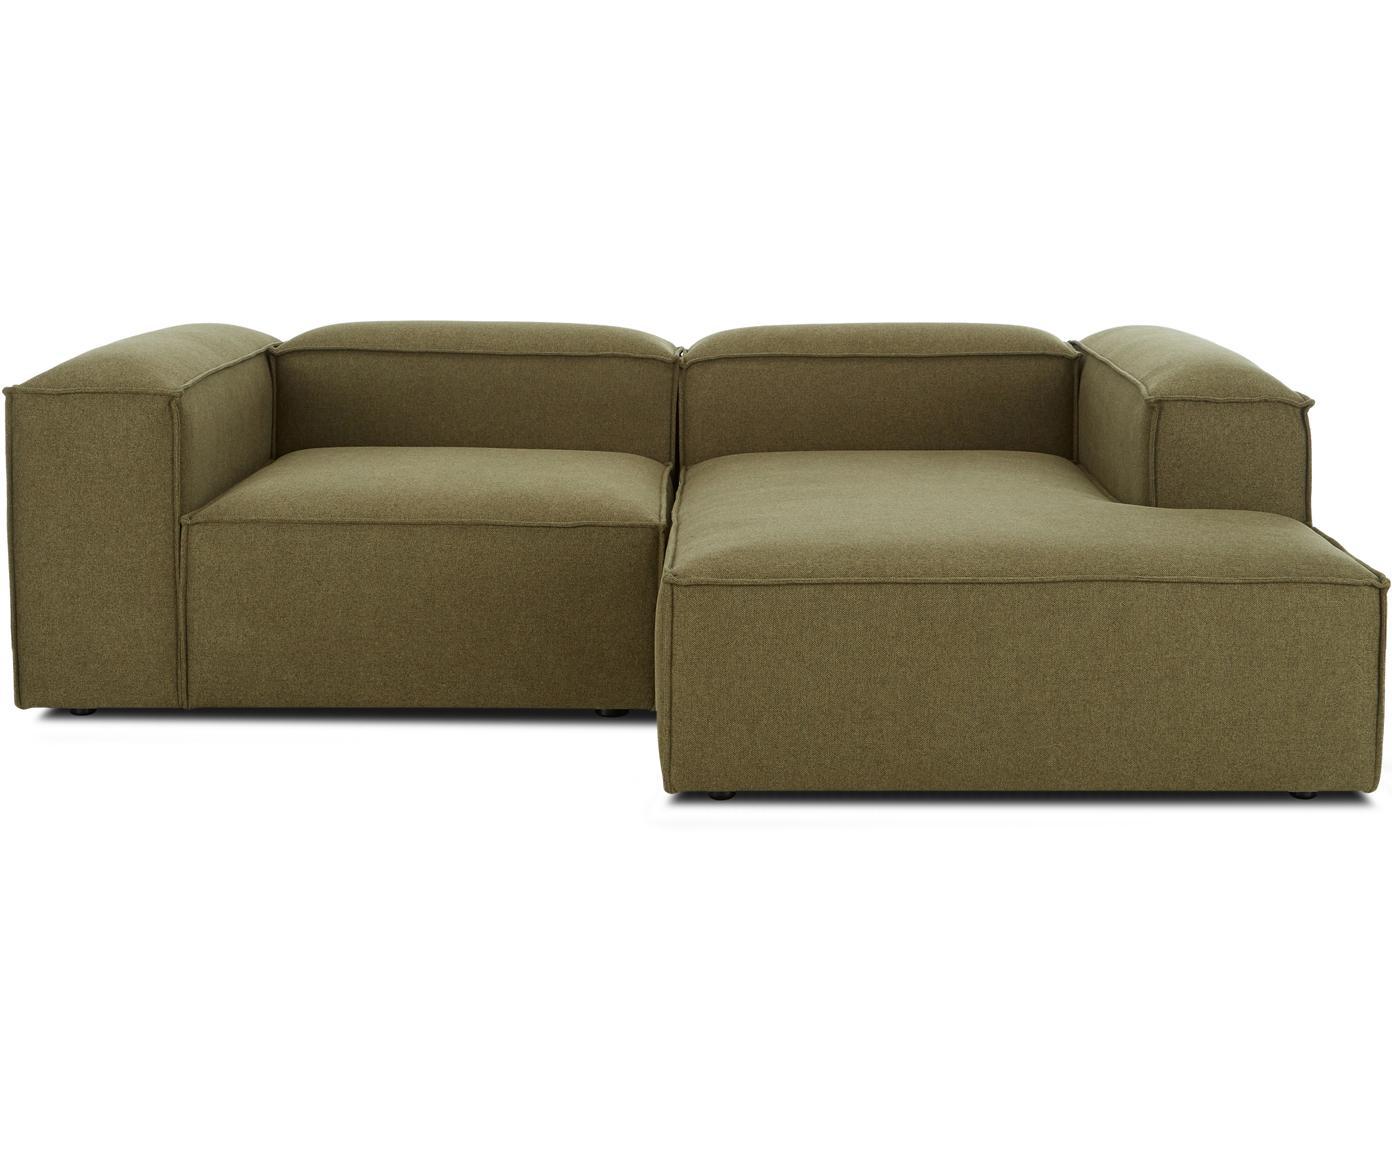 Sofa modułowa narożna Lennon, Tapicerka: poliester 35 000 cykli w , Stelaż: lite drewno sosnowe, skle, Nogi: tworzywo sztuczne, Zielony, S 238 x G 180 cm